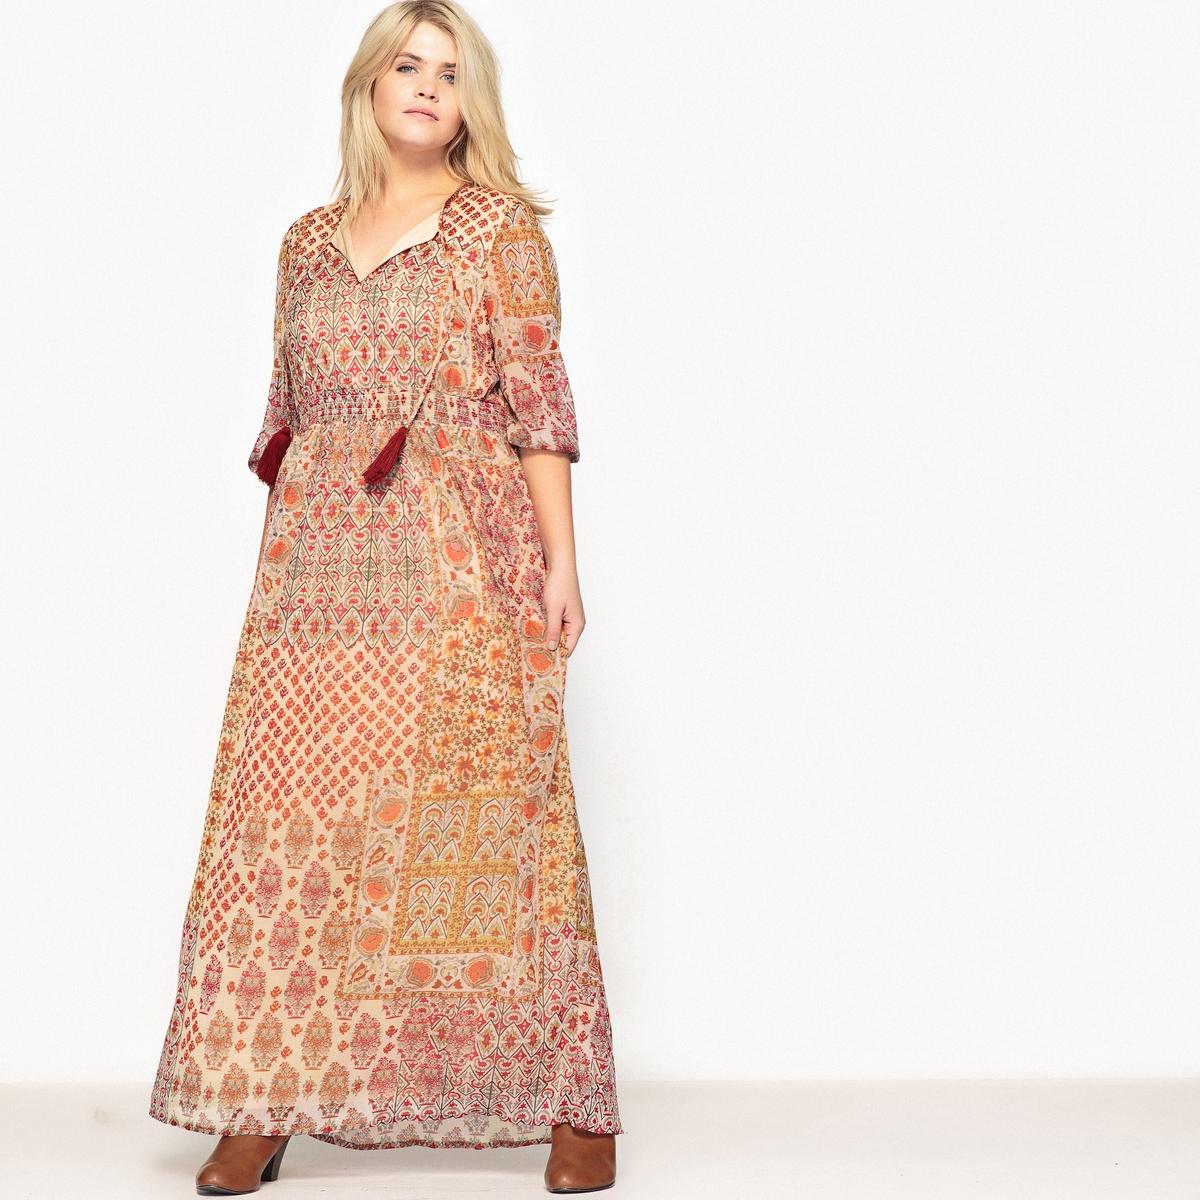 Платье длинное с рисунком и длинными рукавамиВам понравится это длинное платье с рисунком в богемном стиле. На пике модных тенденций. Можно носить в любое время года.Детали •  Форма : МАКСИ •  Длина ниже колен •  Длинные рукава    •   V-образный вырез •  Рисунок-принтСостав и уход •  100% полиэстер •  Подкладка : 100% полиэстер •  Температура стирки 30° на деликатном режиме   •  Сухая чистка и отбеливание запрещены •  Не использовать барабанную сушку   •  Низкая температура глажкиТовар из коллекции больших размеров<br><br>Цвет: рисунок пейсли<br>Размер: 56 (FR) - 62 (RUS).48 (FR) - 54 (RUS).42 (FR) - 48 (RUS)